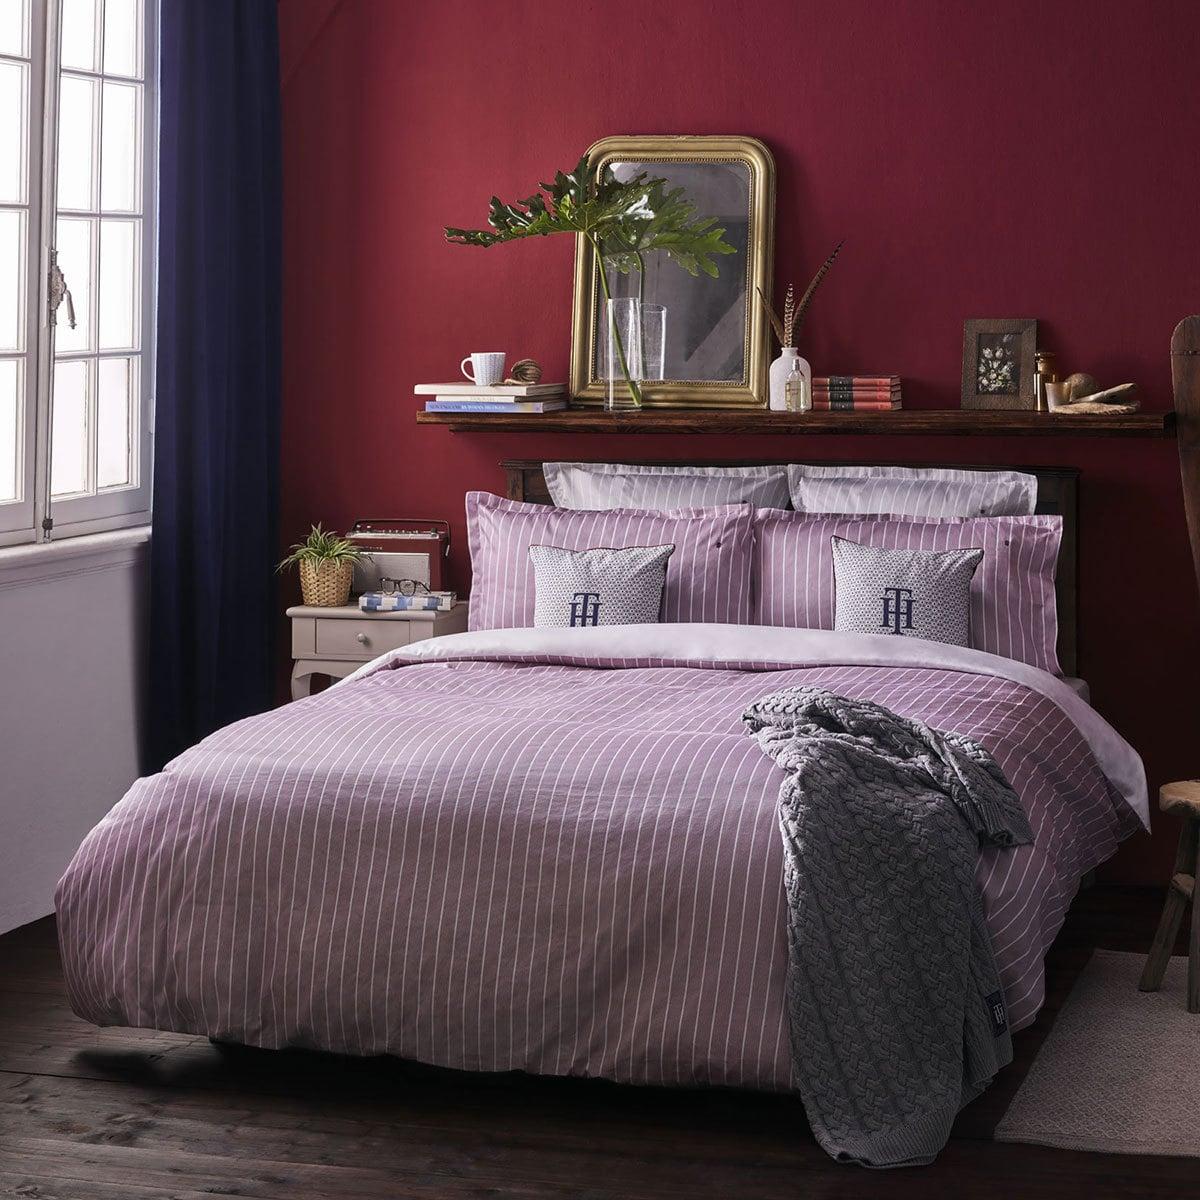 bettw sche boss gr npflanzen f r schlafzimmer esprit bettw sche sale set kernbuche bettdecken. Black Bedroom Furniture Sets. Home Design Ideas